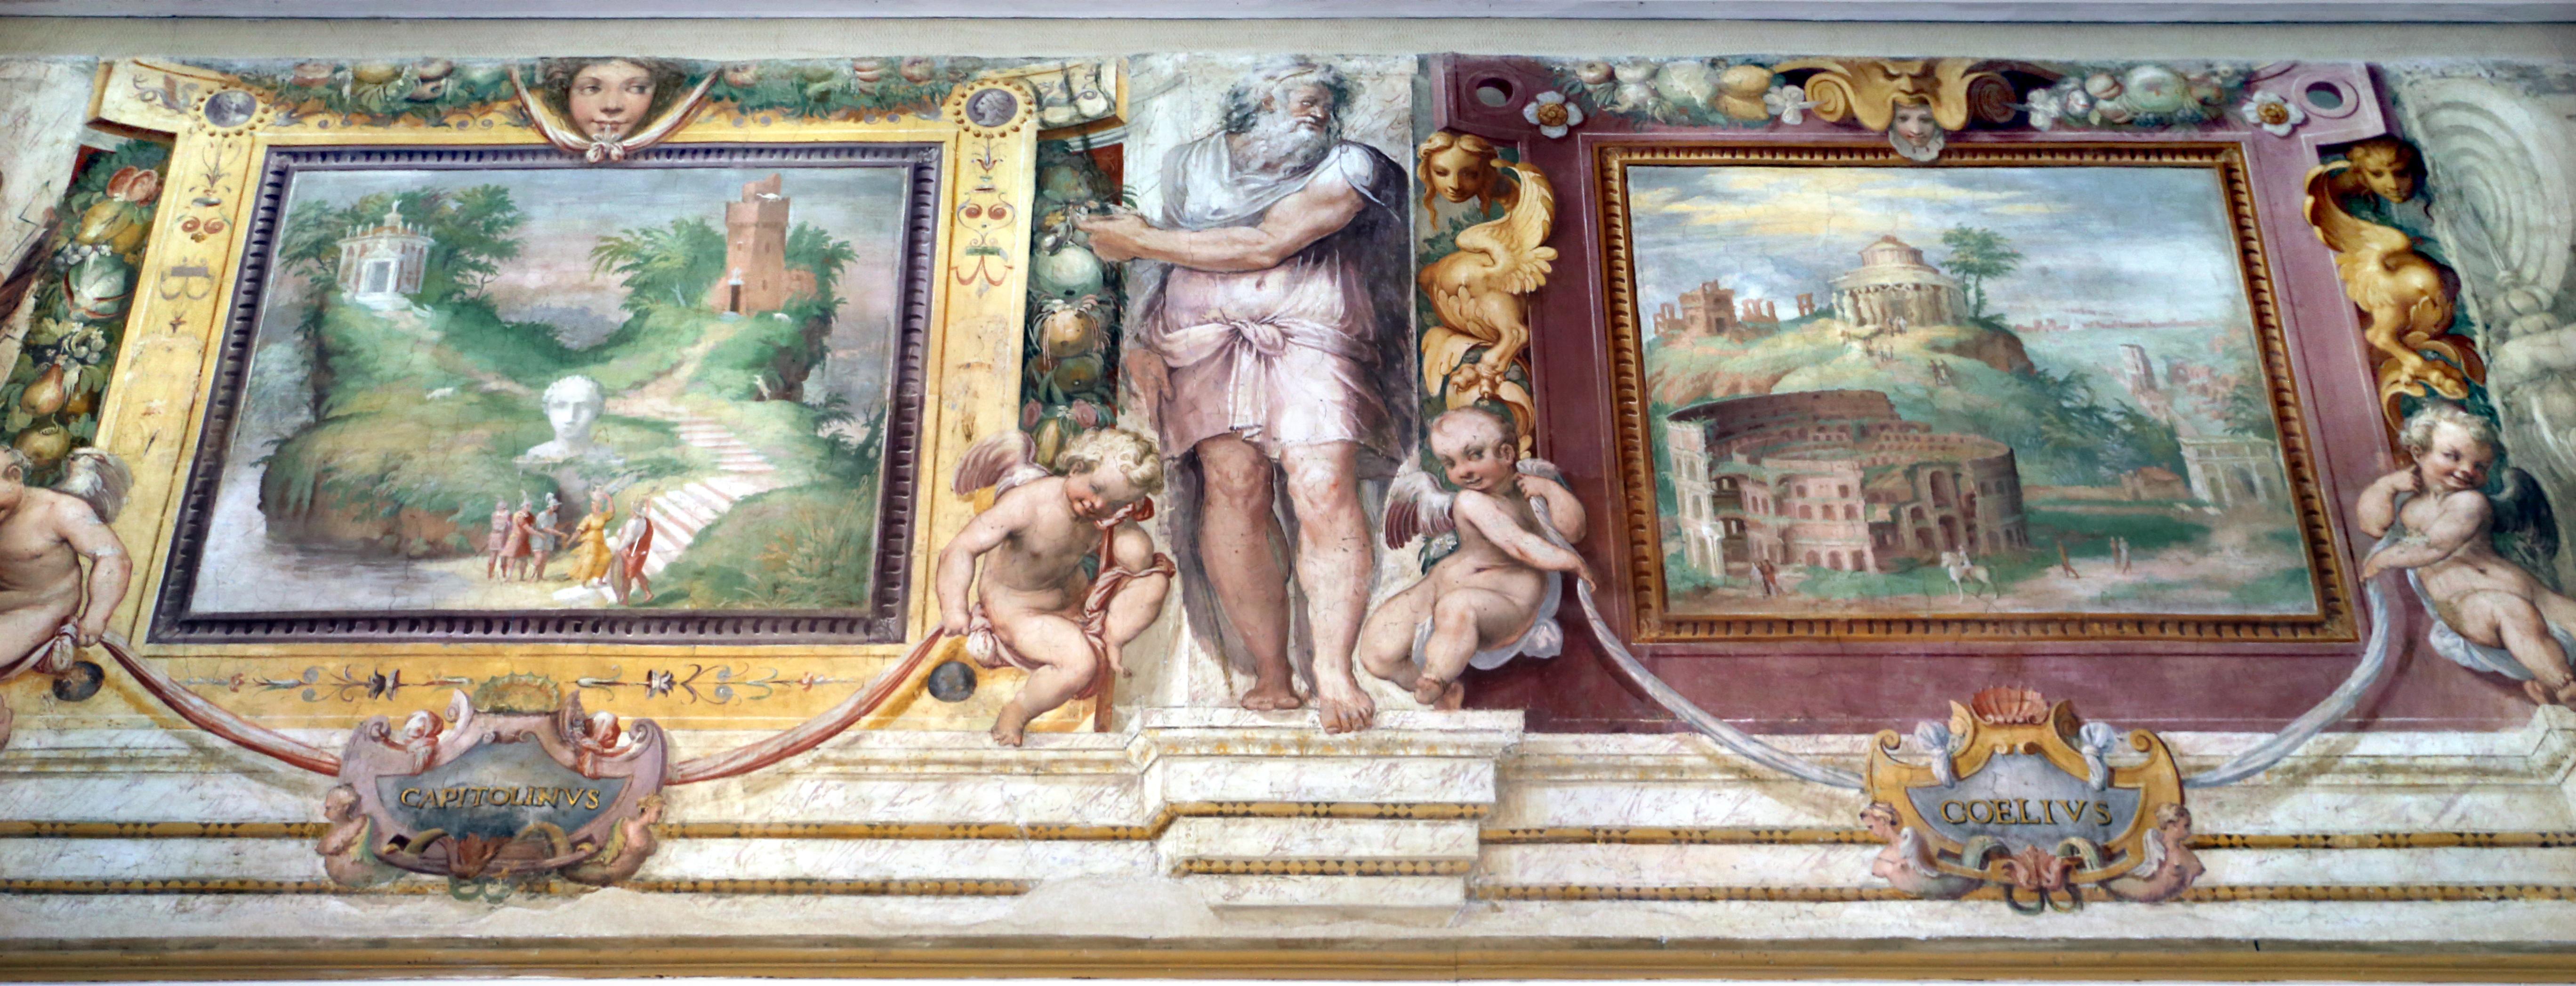 File:Villa giulia, piano nobile, sala A, affreschi di taddeo zuccari e prospero fontana 10 sette colli di roma, capitolino e celio.jpg - Wikimedia Commons